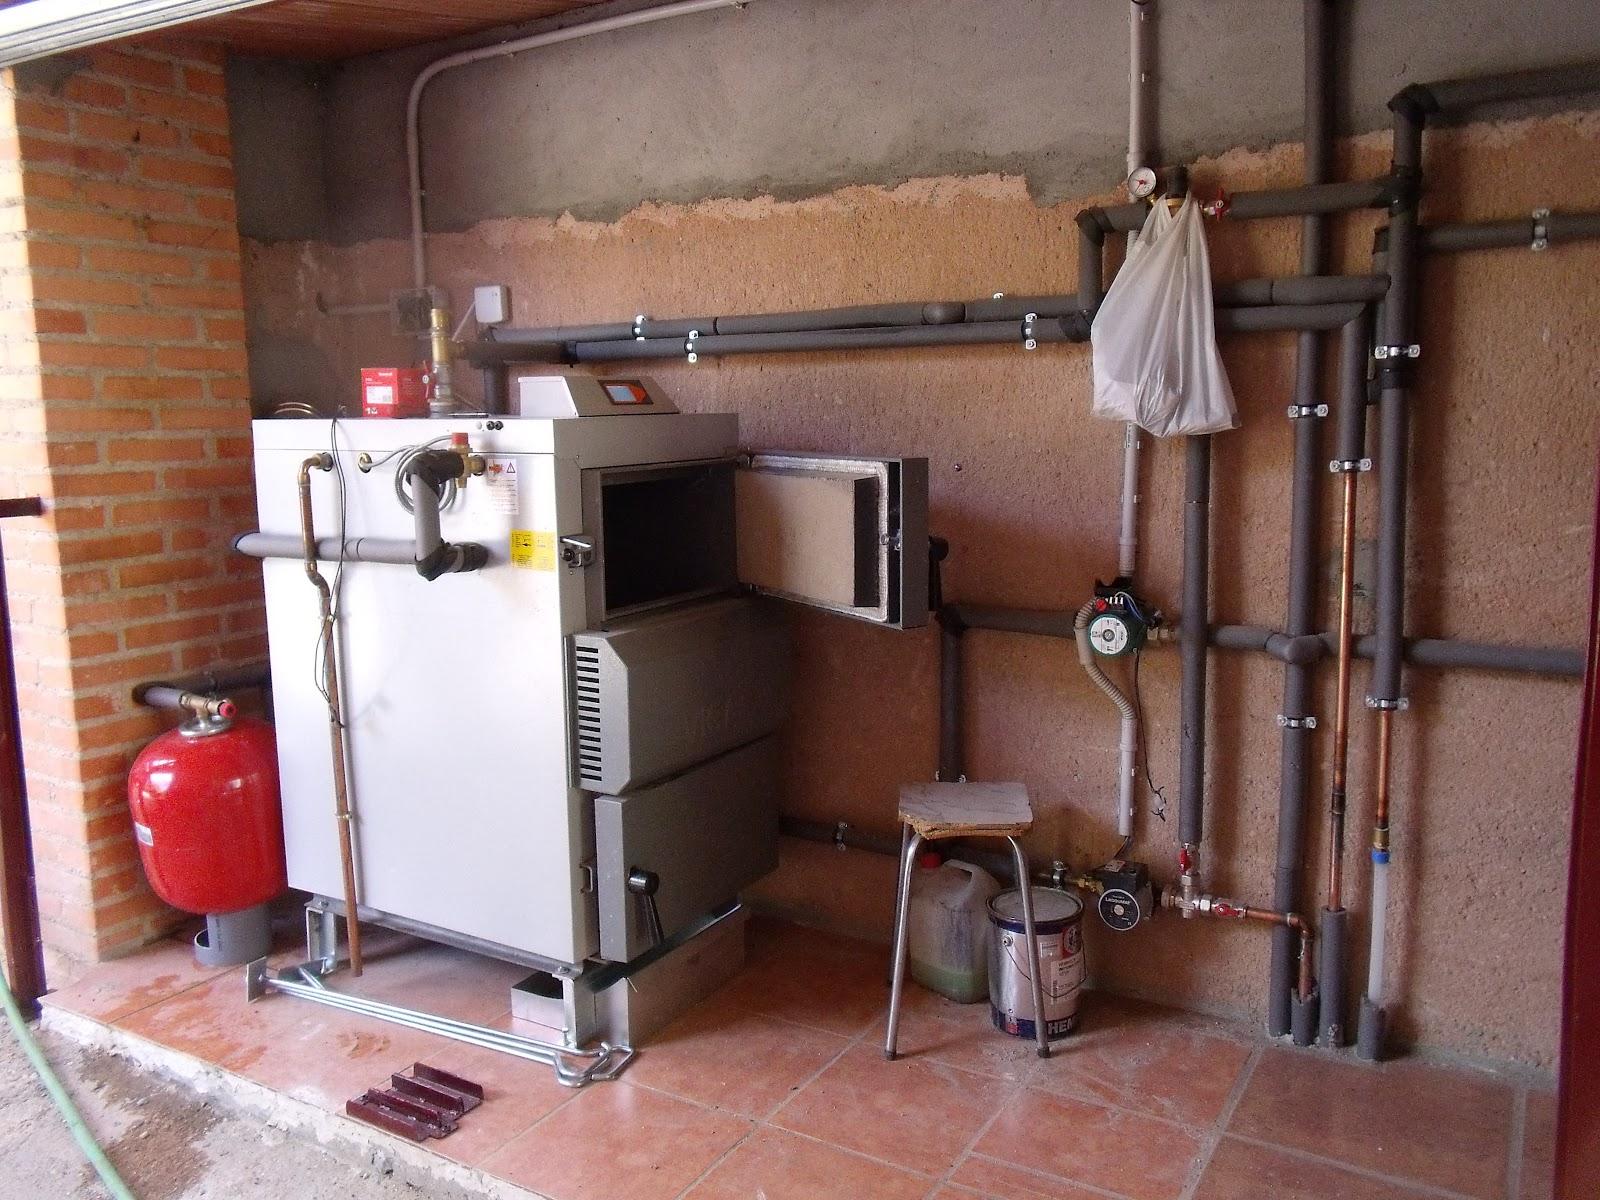 Instalaci n de 6 calderas de le a vigas de gasificaci n y for Calderas para calefaccion central a lena